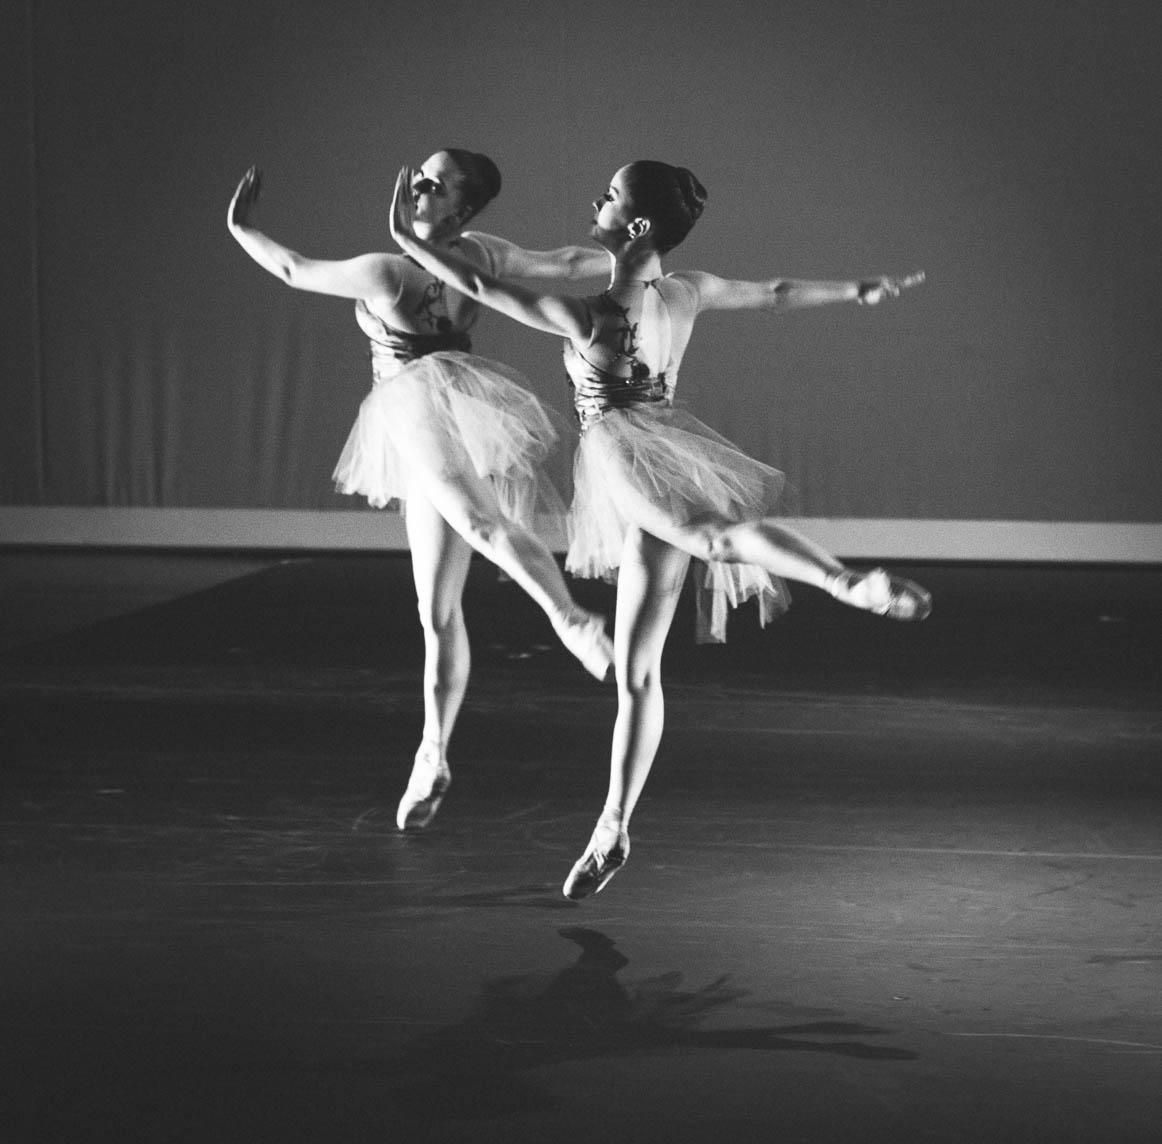 Festival de dança de Joinville - Grupo Especial de São Paulo  Coreografia: Concerto